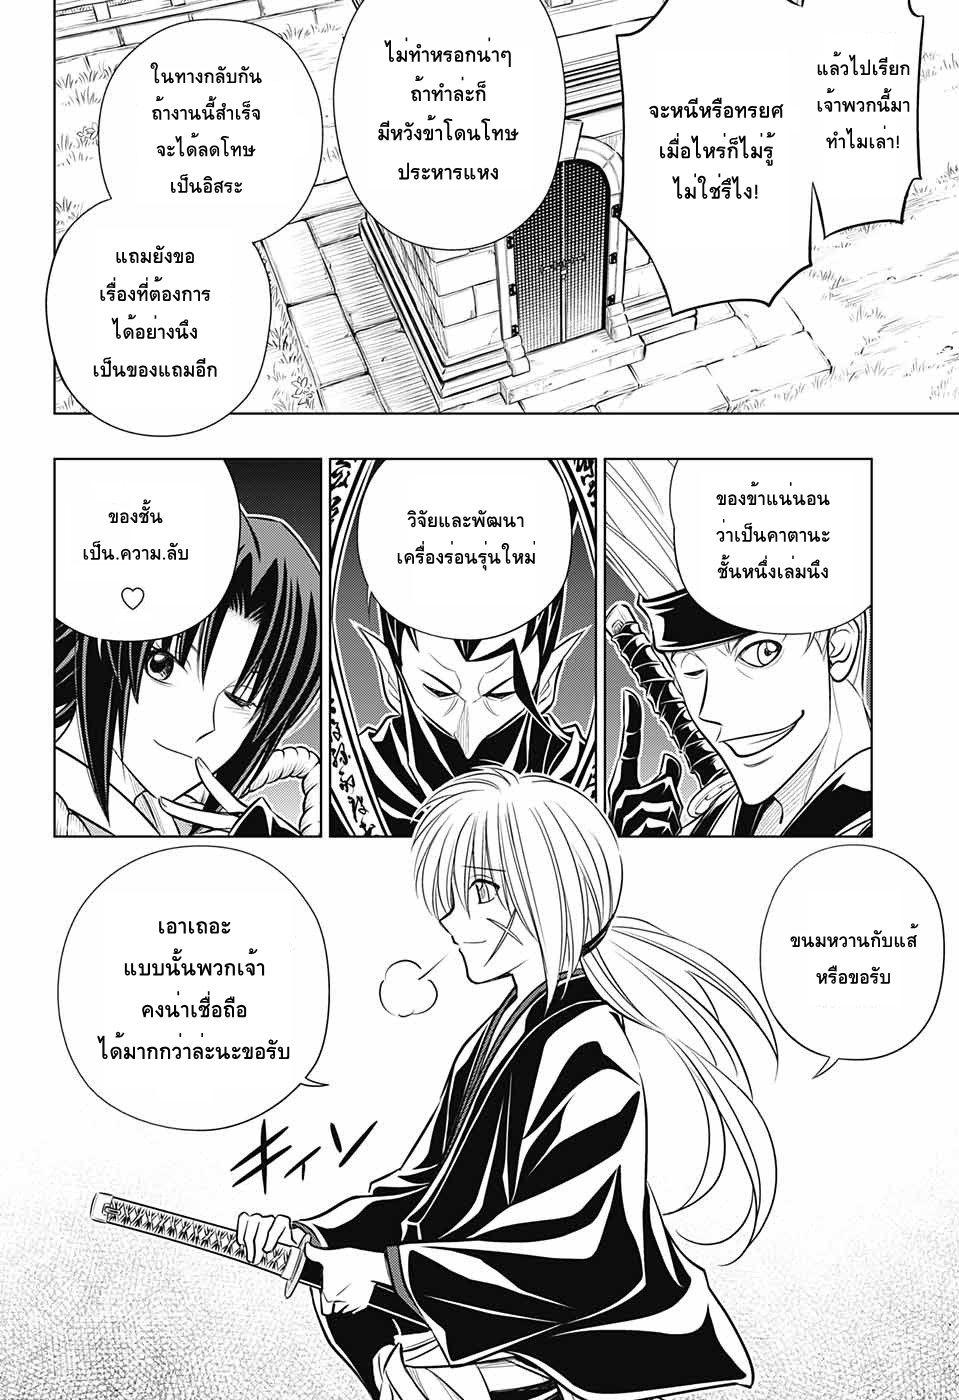 อ่านการ์ตูน Rurouni Kenshin: Hokkaido Arc ตอนที่ 14 หน้าที่ 12